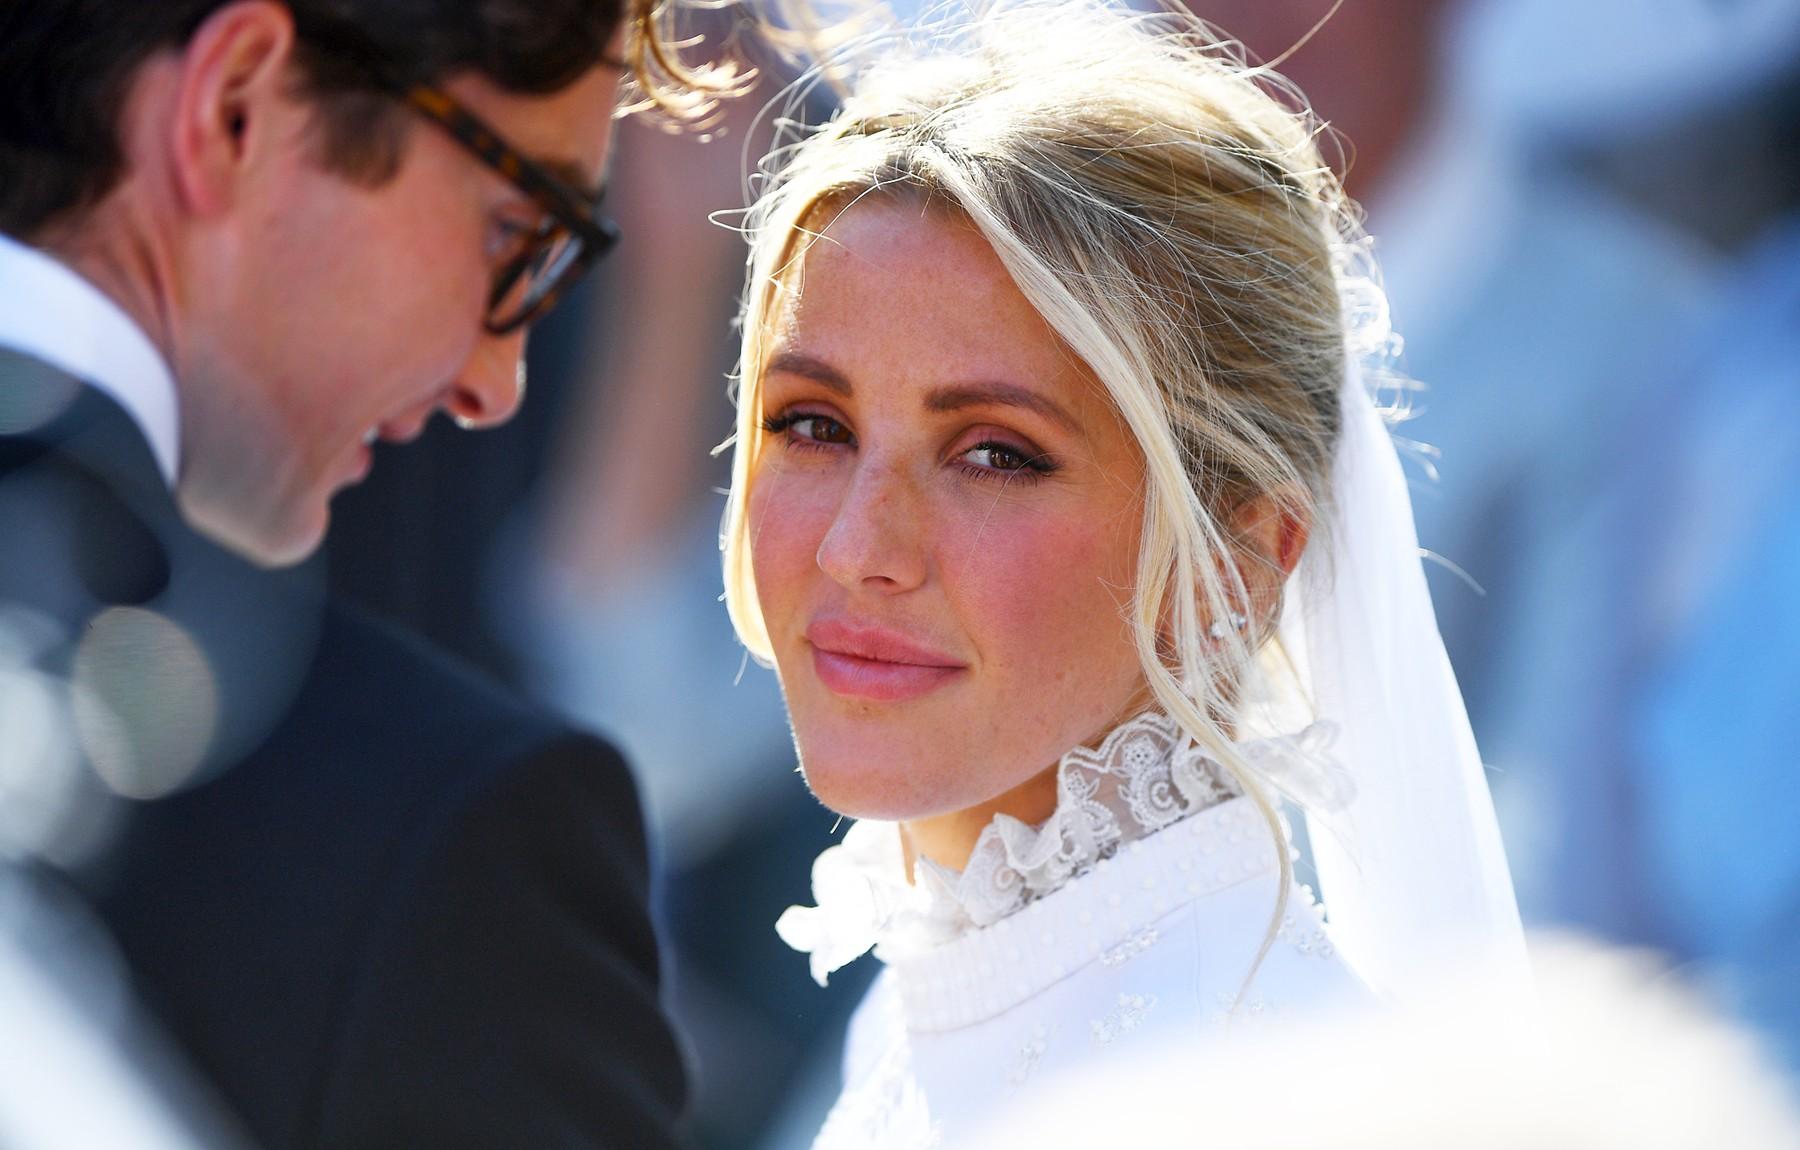 The wedding of singer Ellie Goulding to Caspar Jopling. York Minister., Image: 468274901, License: Rights-managed, Restrictions: , Model Release: no, Credit line: Profimedia, Press Association